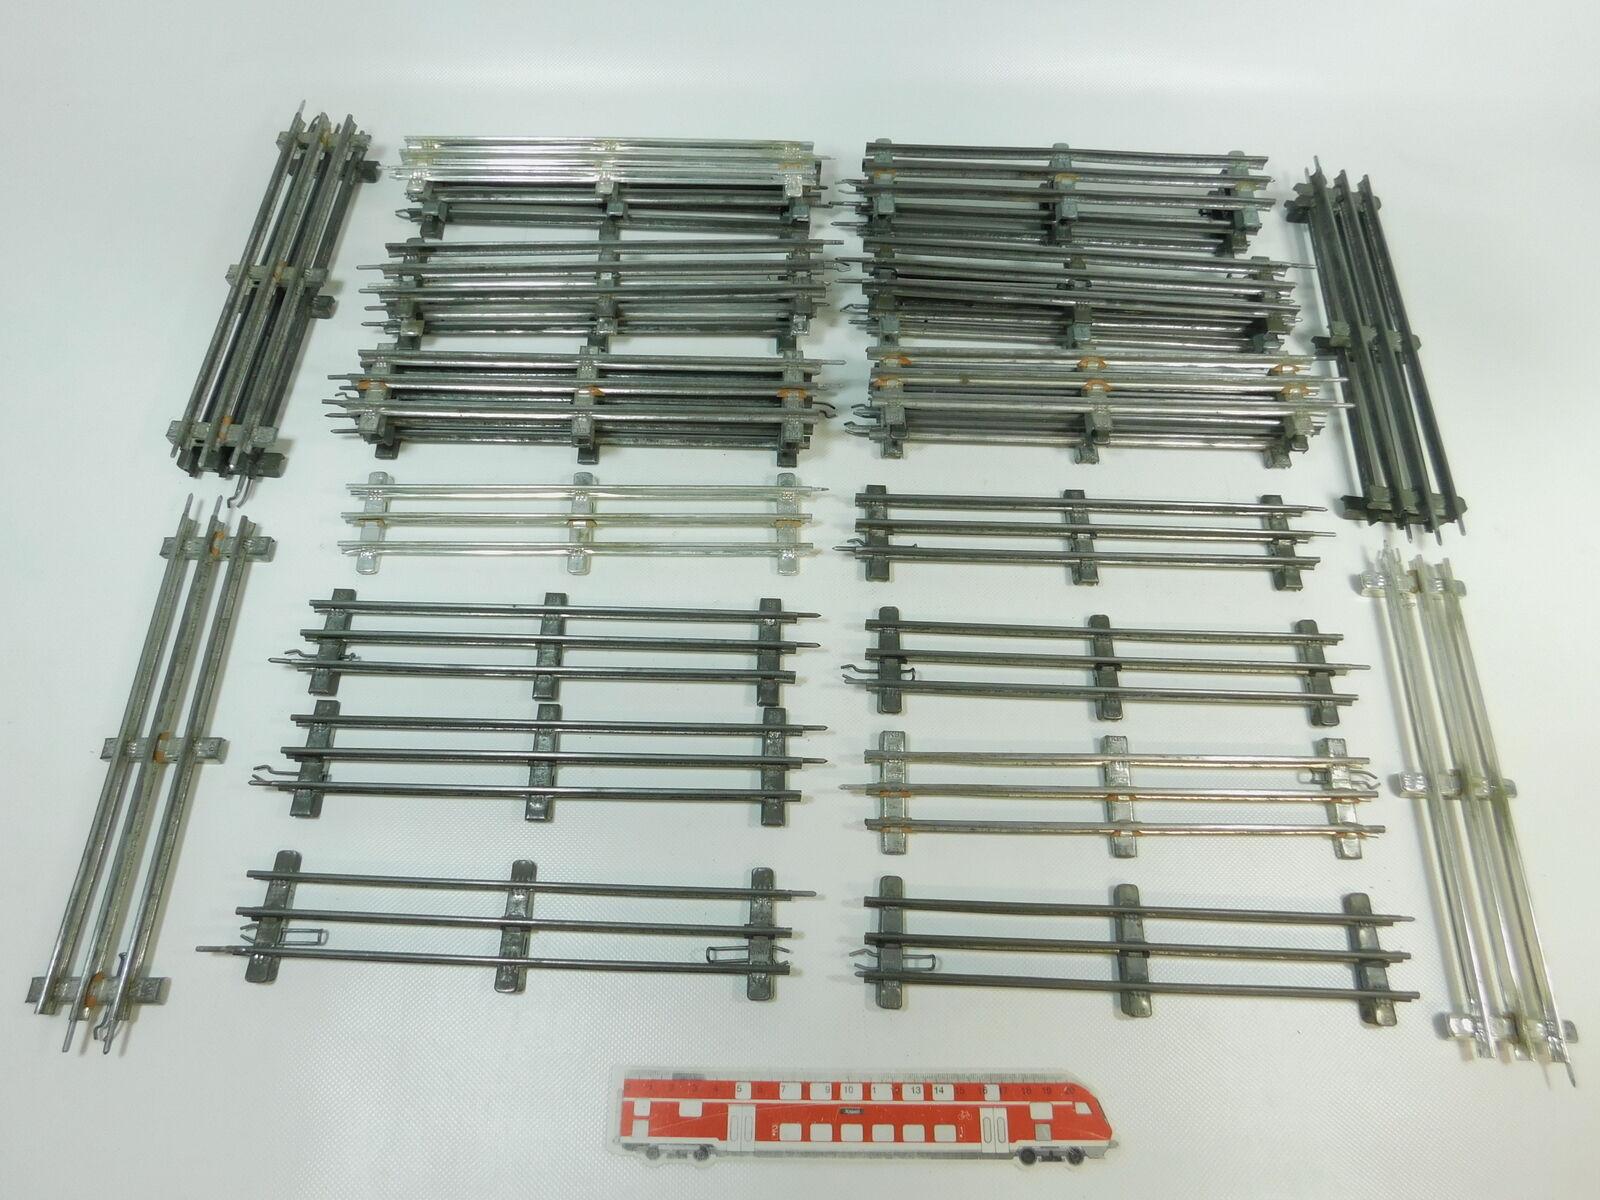 Bk393-3 32x KARL BUB / Kb Traccia 0 BINARIO DRITTO  26 cm  per elettrica